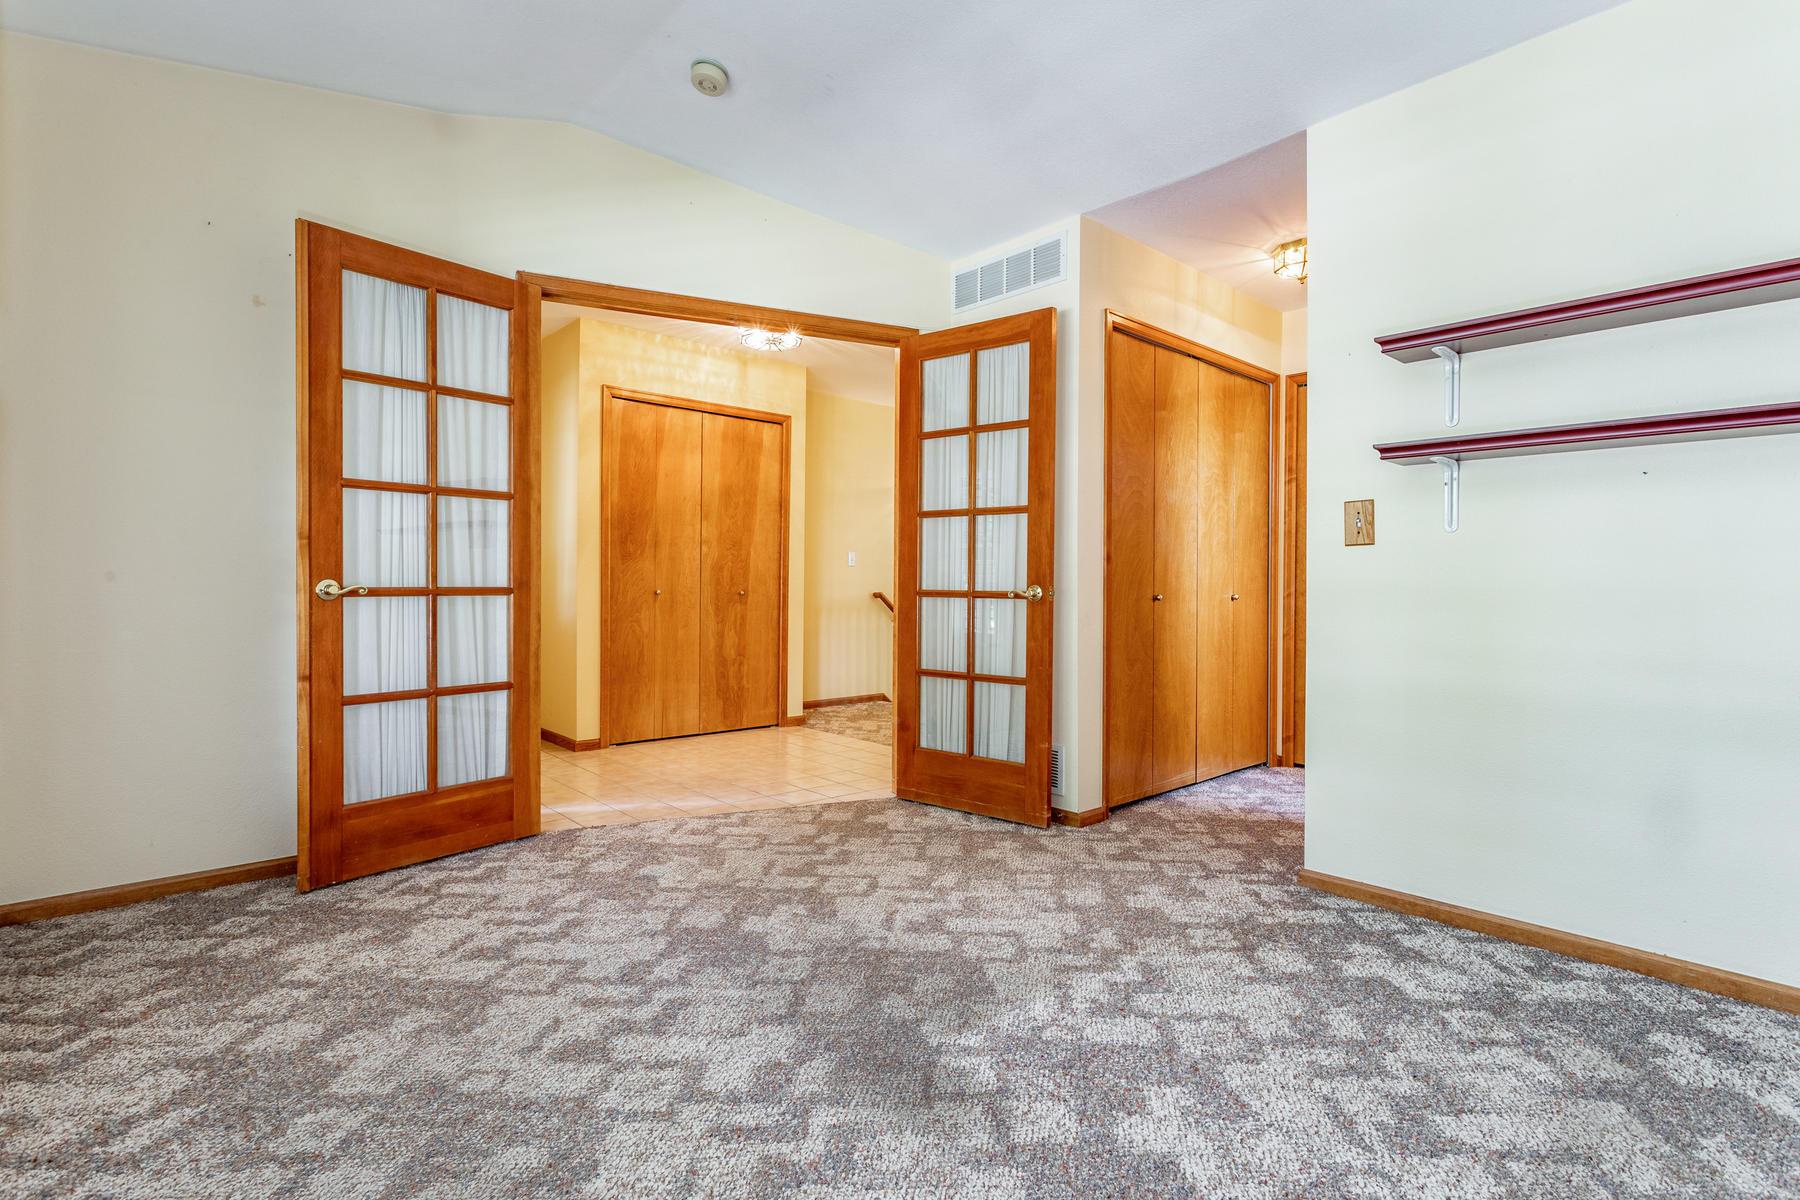 French Doors on Main Floor Flex Room